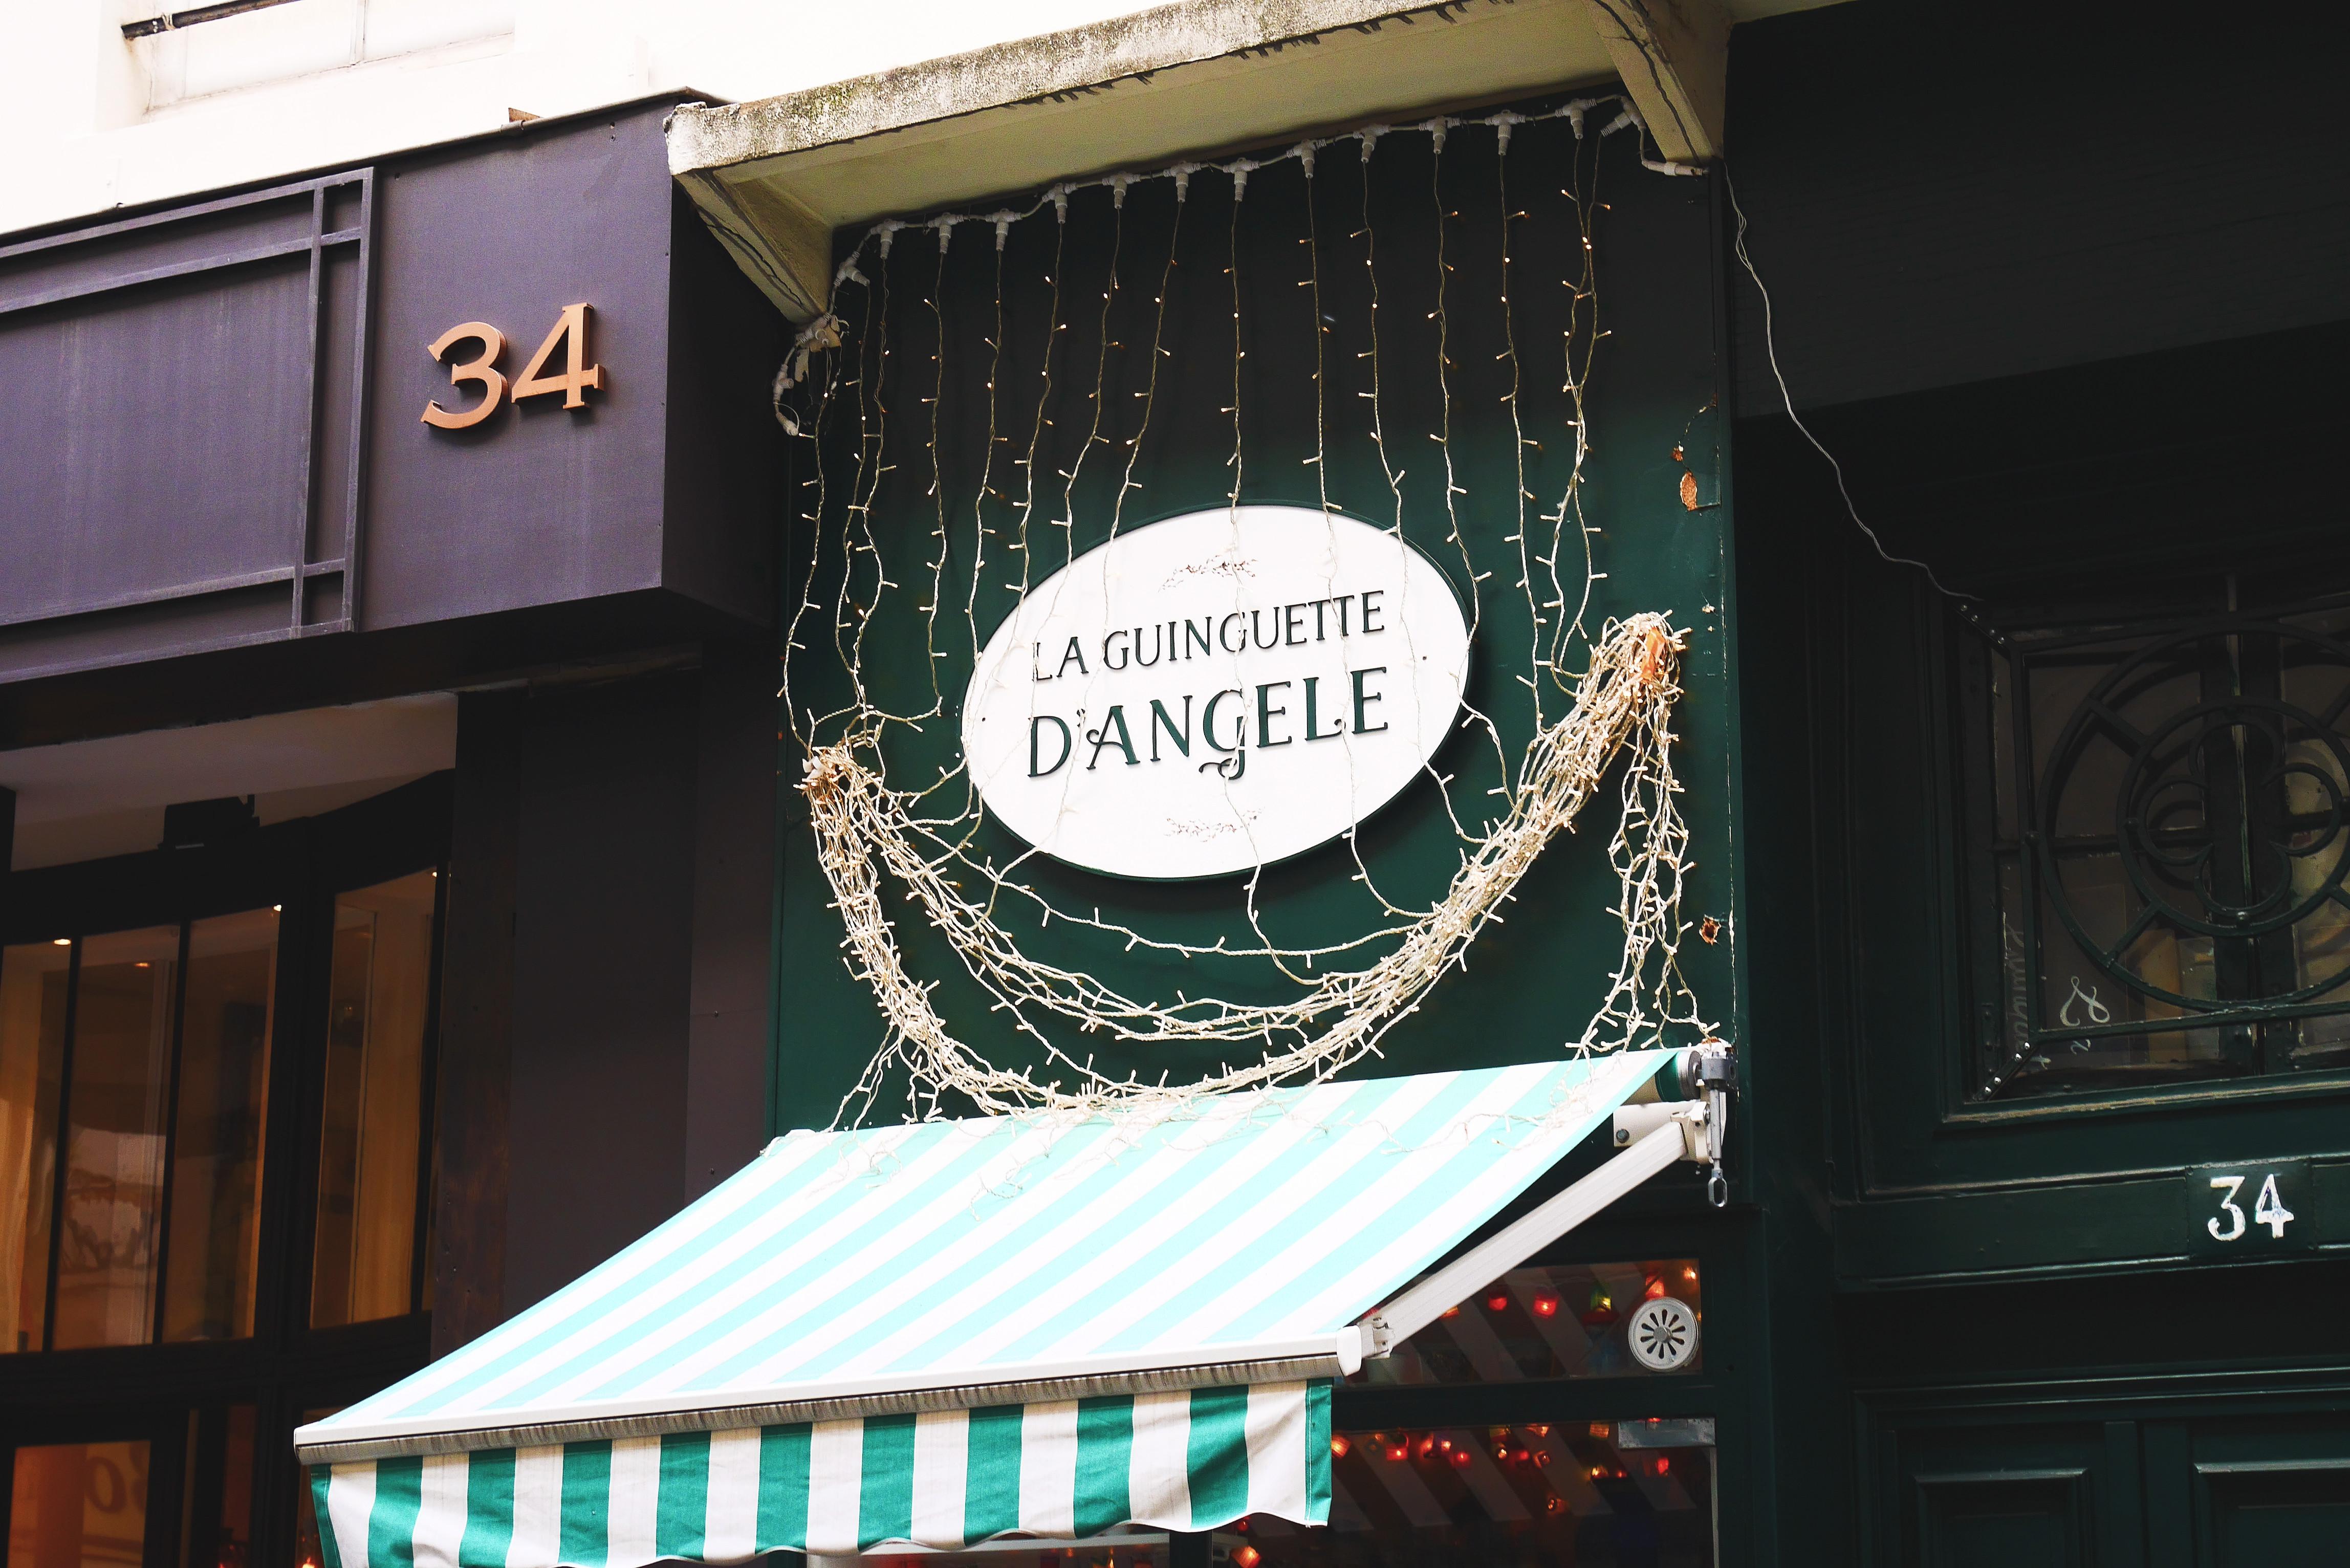 laguinguettedangele7